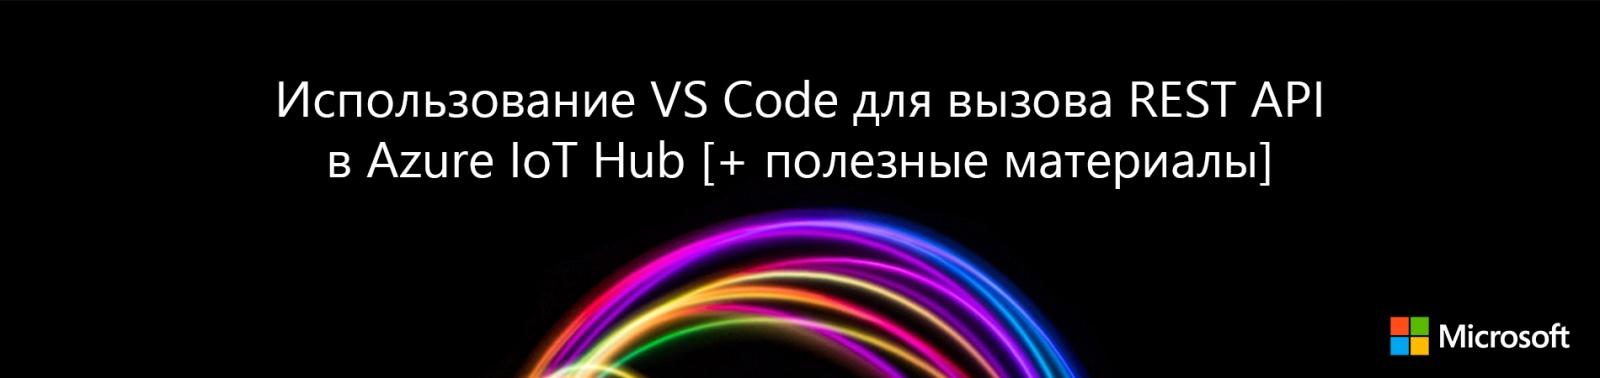 Использование VS Code для вызова REST API в Azure IoT Hub [+ полезные материалы] - 1